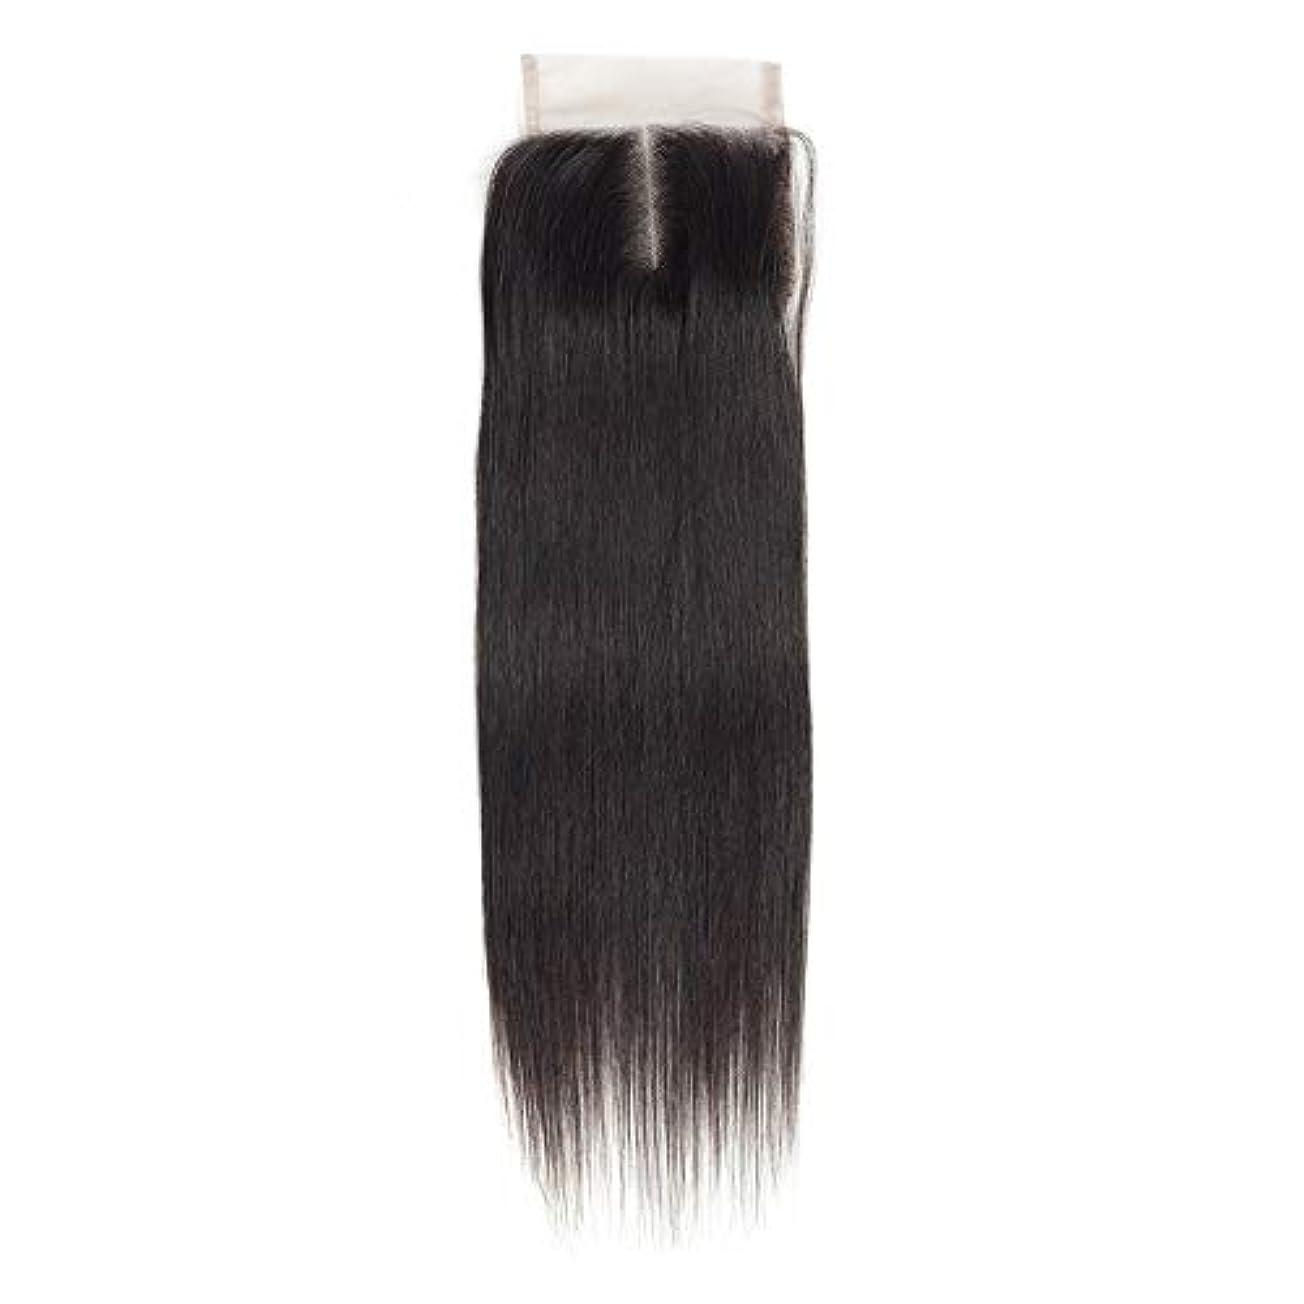 安西雄弁騙すWASAIO 女性のレミー人間ヘアエクステンションクリップのシームレスな髪型4x4のレースフロンタル閉鎖横隔膜パートナチュラルカラー解かの横糸 (色 : 黒, サイズ : 10 inch)